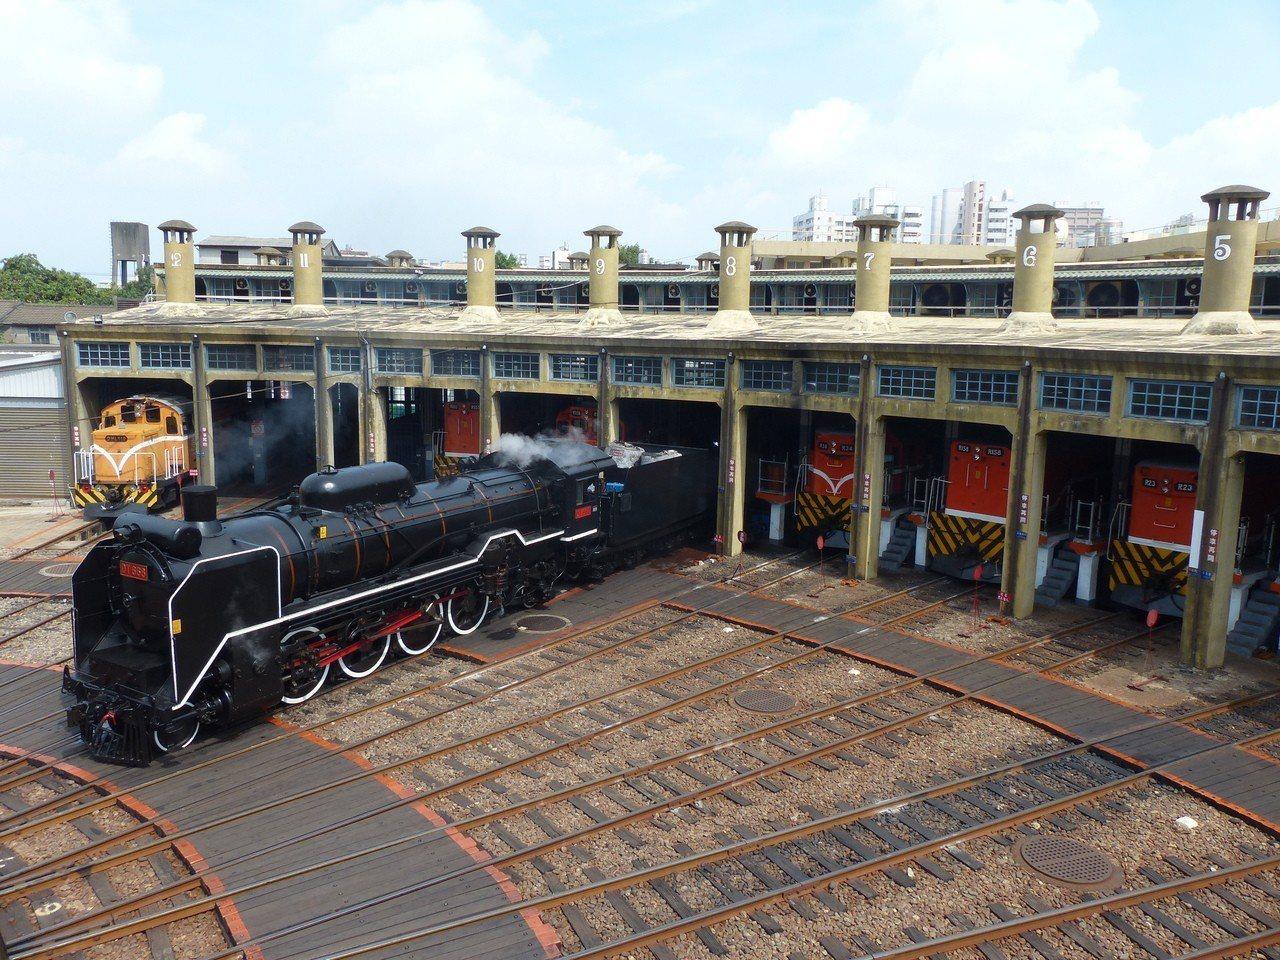 停放在彰化扇形車庫的國寶級蒸汽火車DT668,緩緩從車庫駛出,進入轉盤。本報資料...